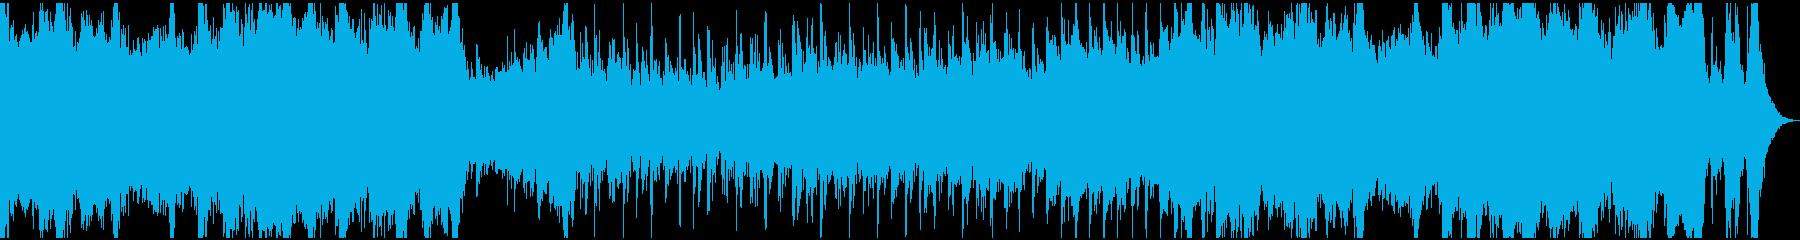 現代的 交響曲 エピック お祭り ...の再生済みの波形